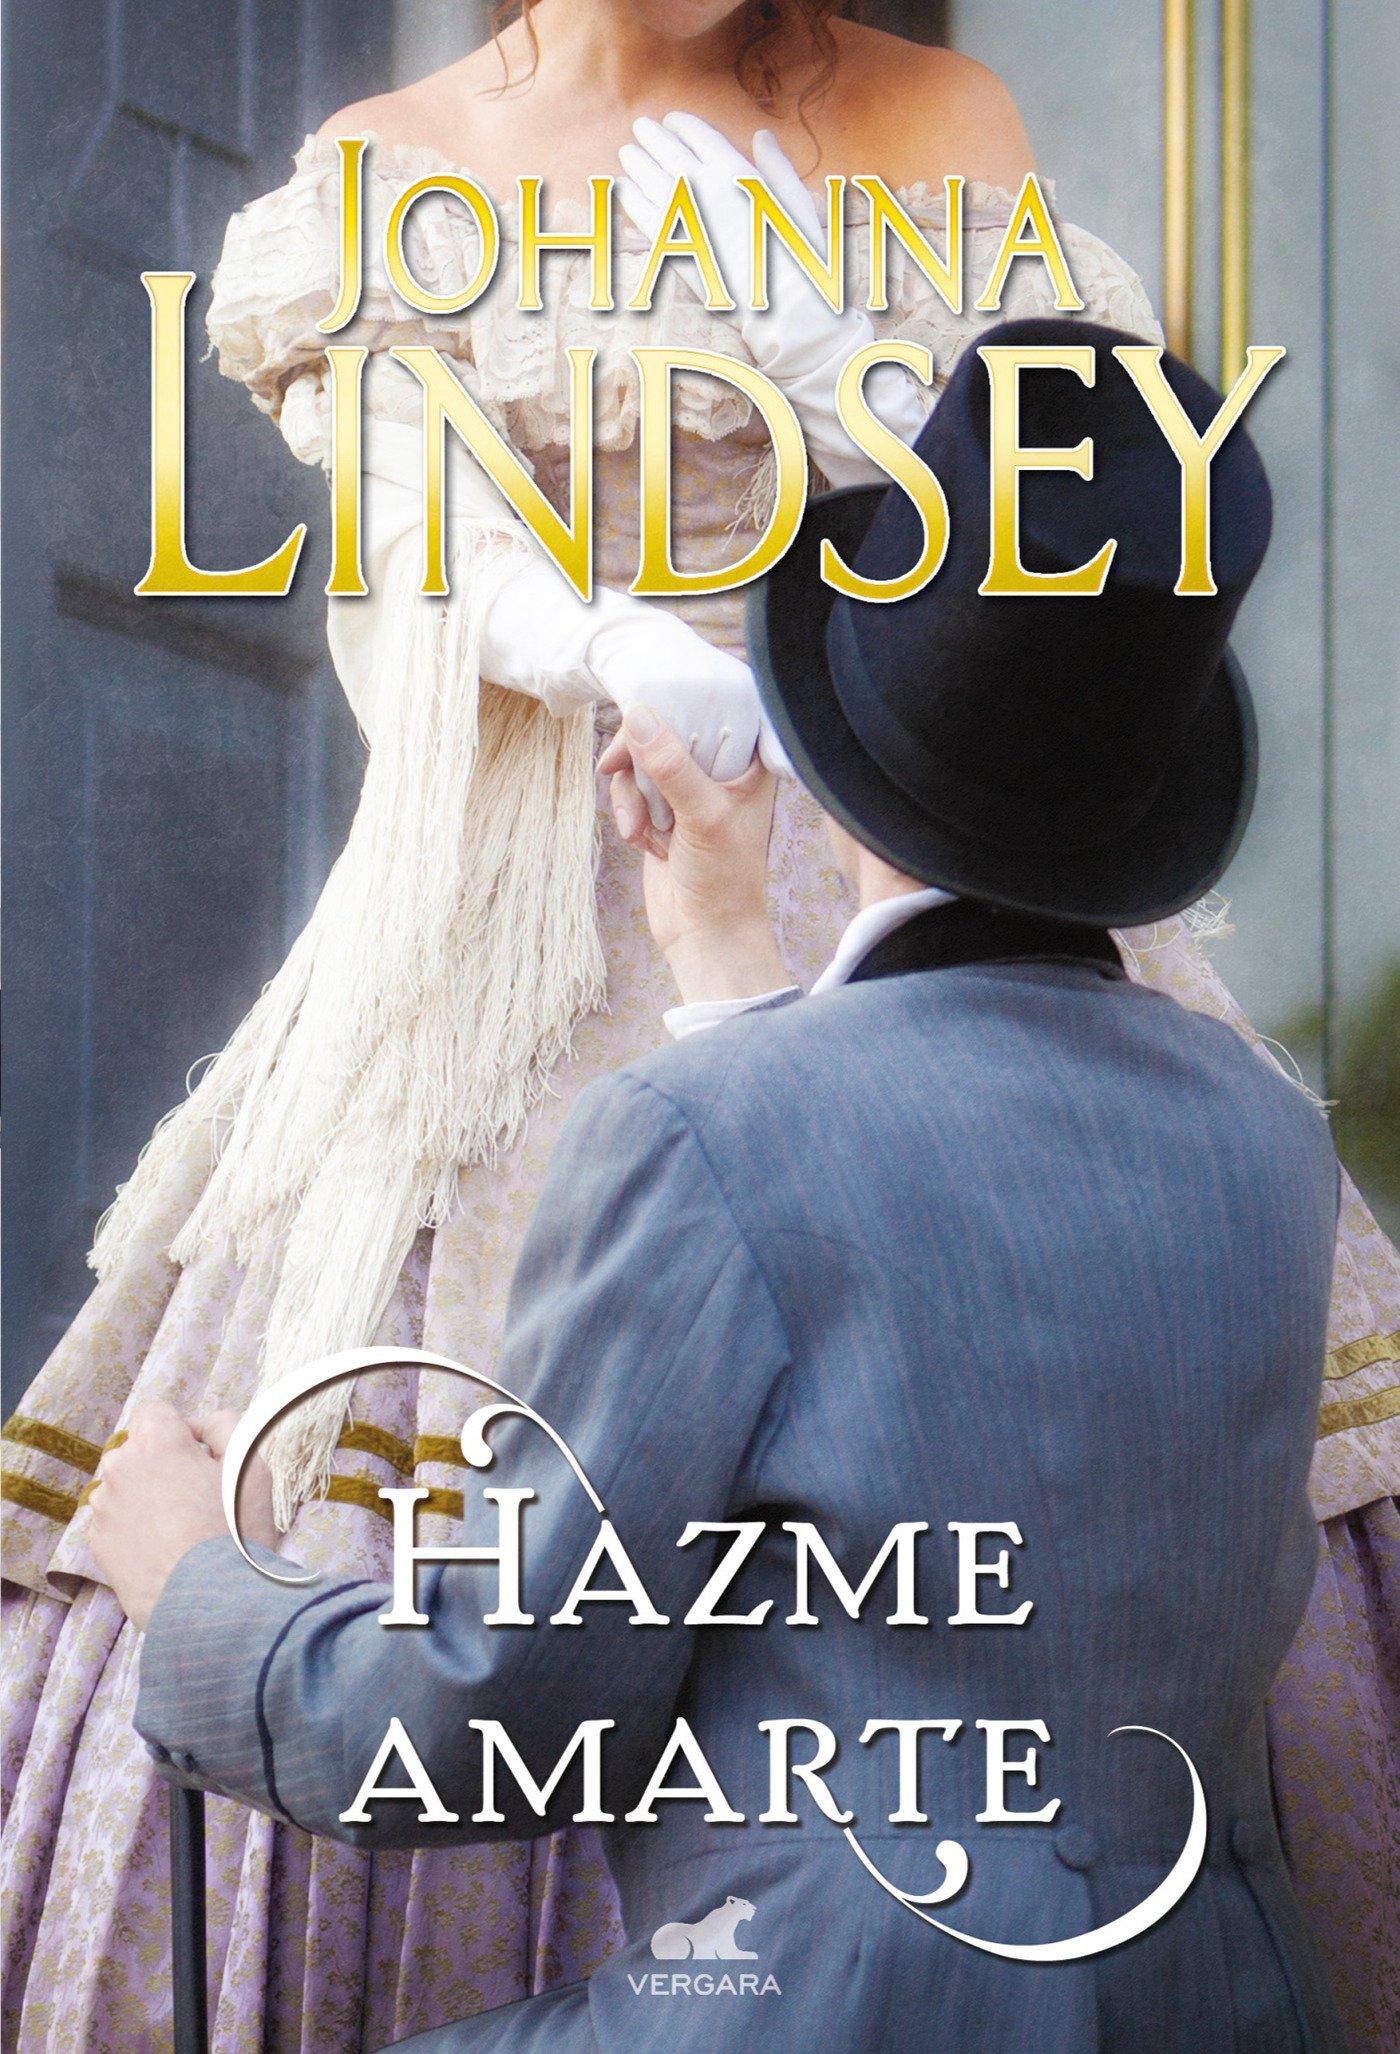 Hazme amarte (Amor y aventura): Amazon.es: Lindsey, Johanna ...